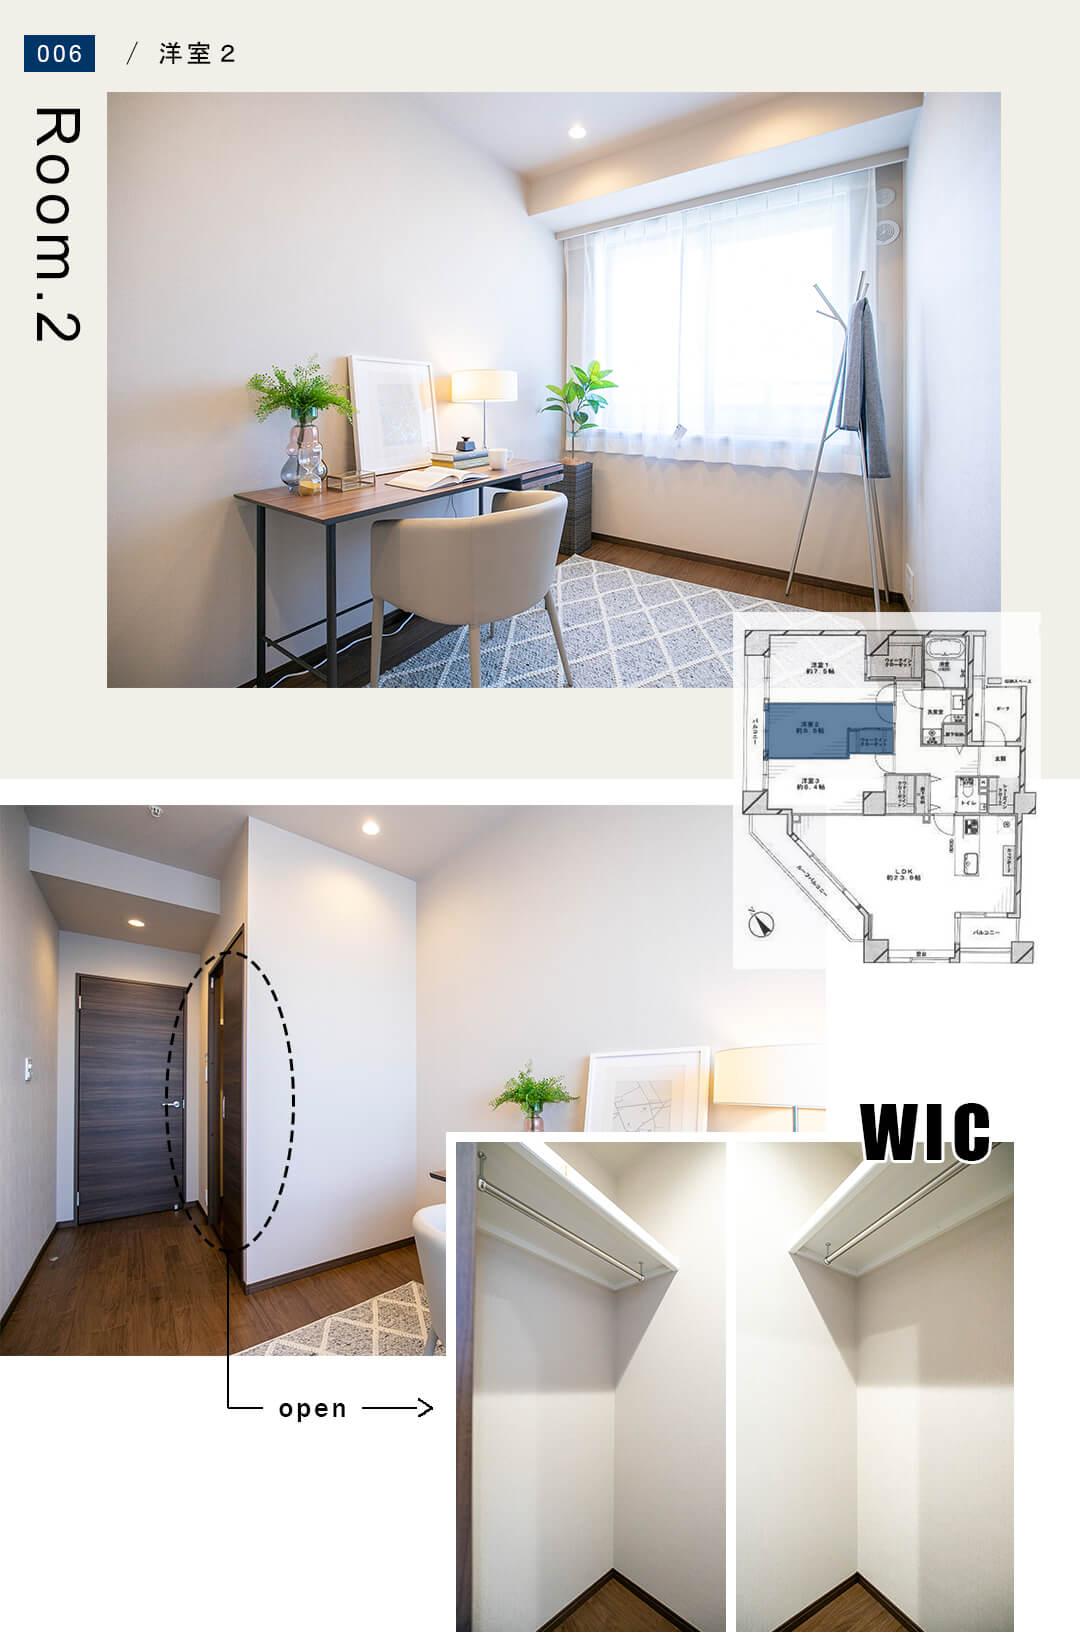 006洋室2,Room 2